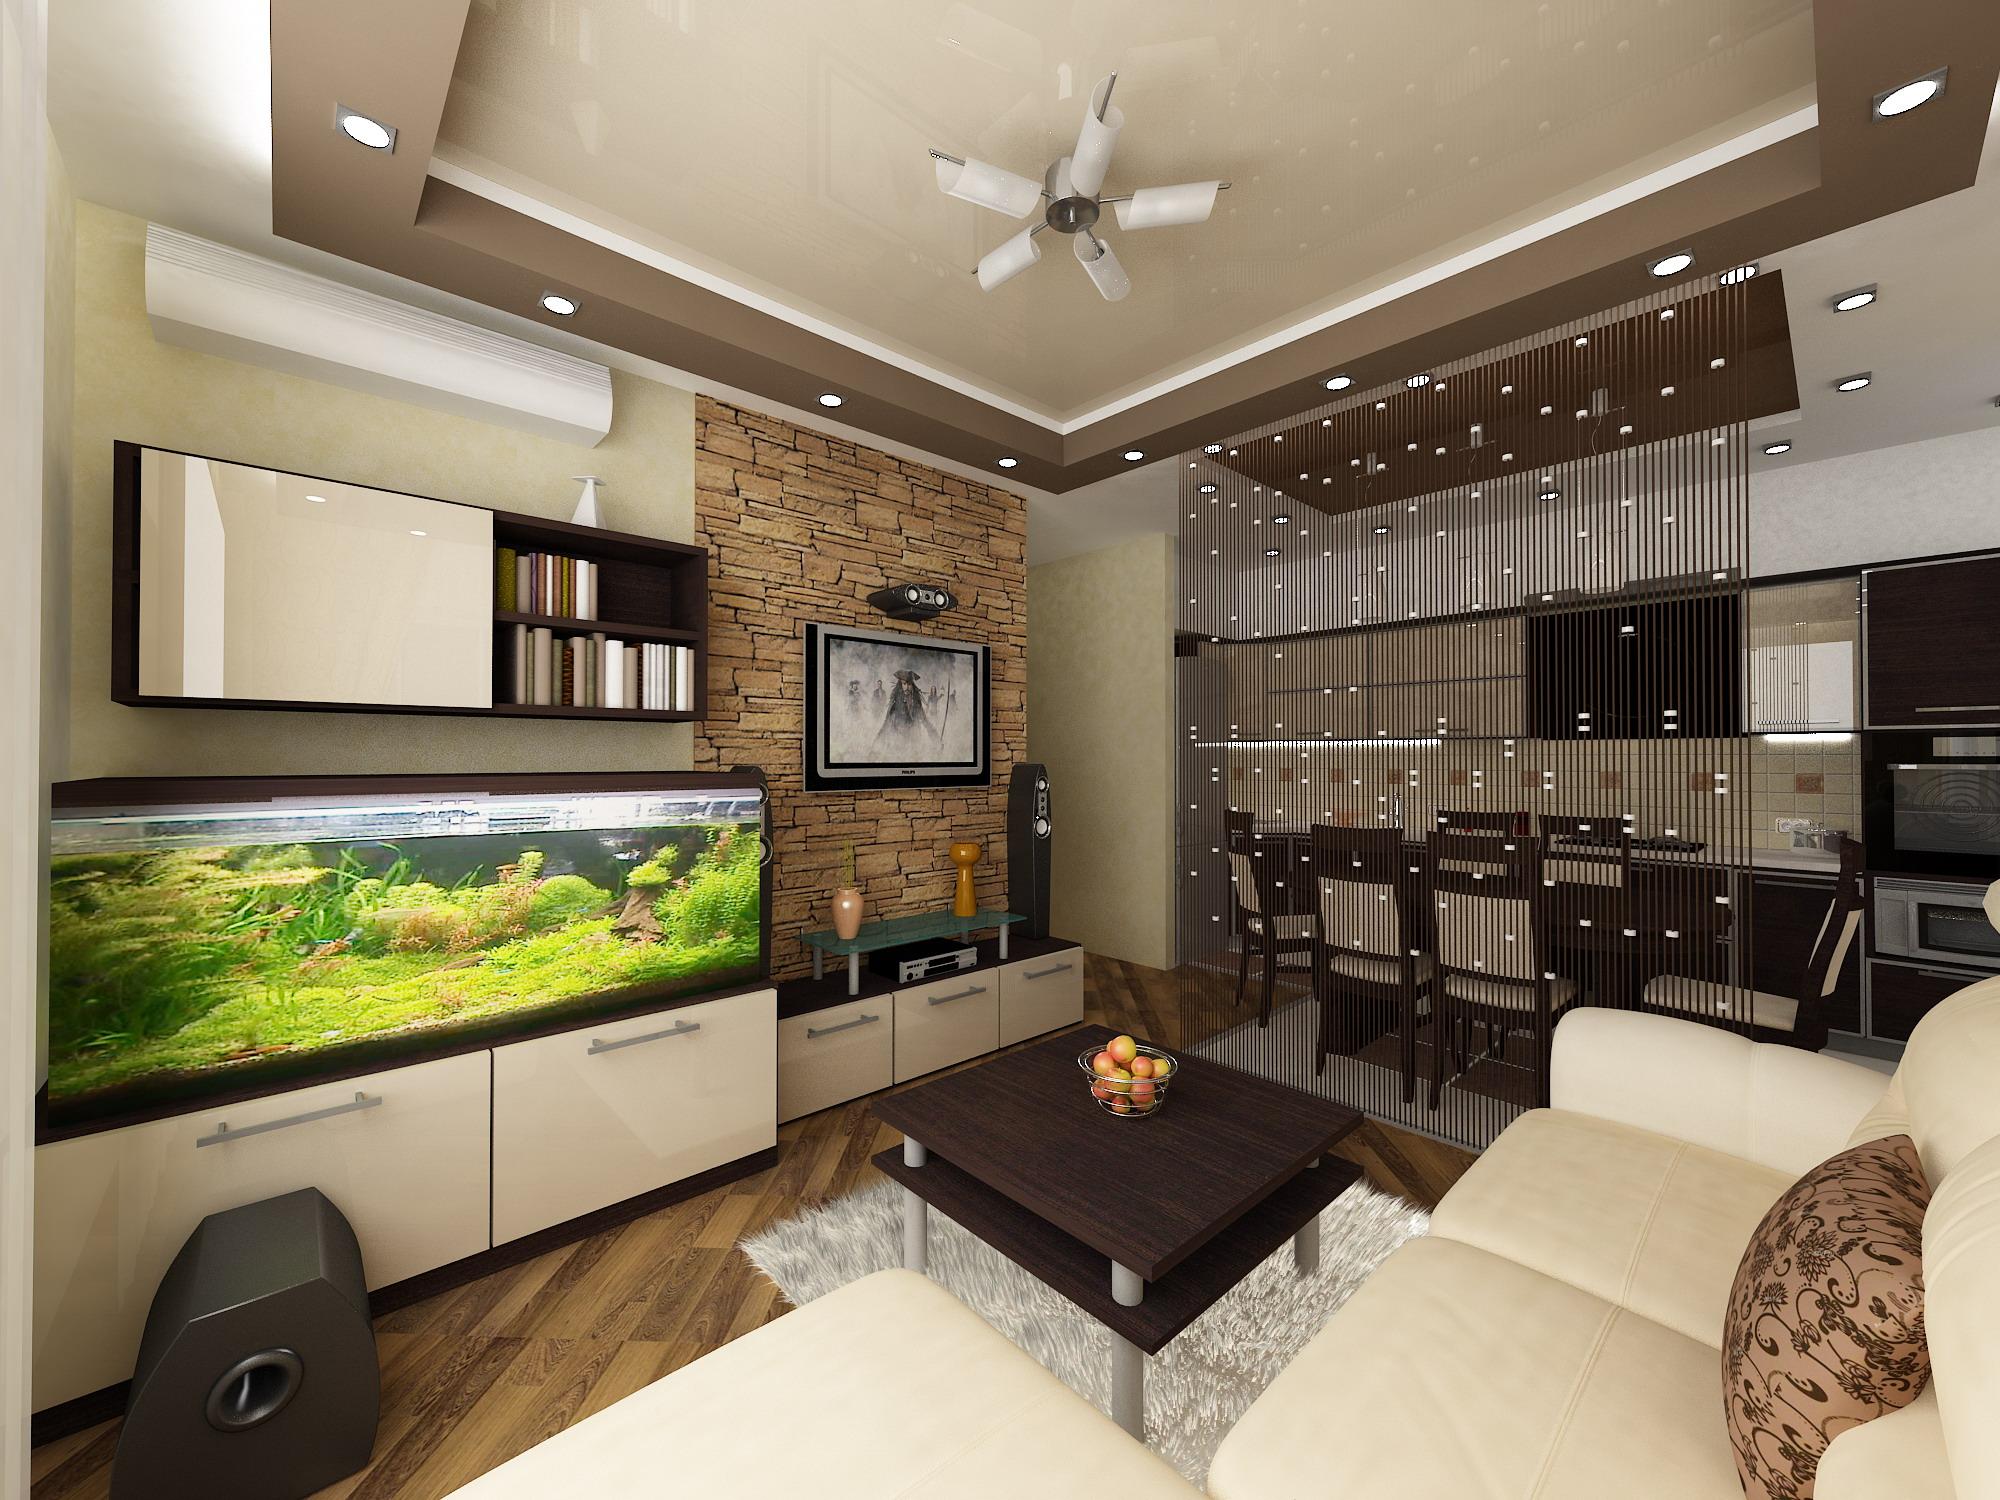 Современный квартирный дизайн: рекомендации по обустройству гостиной-кухни